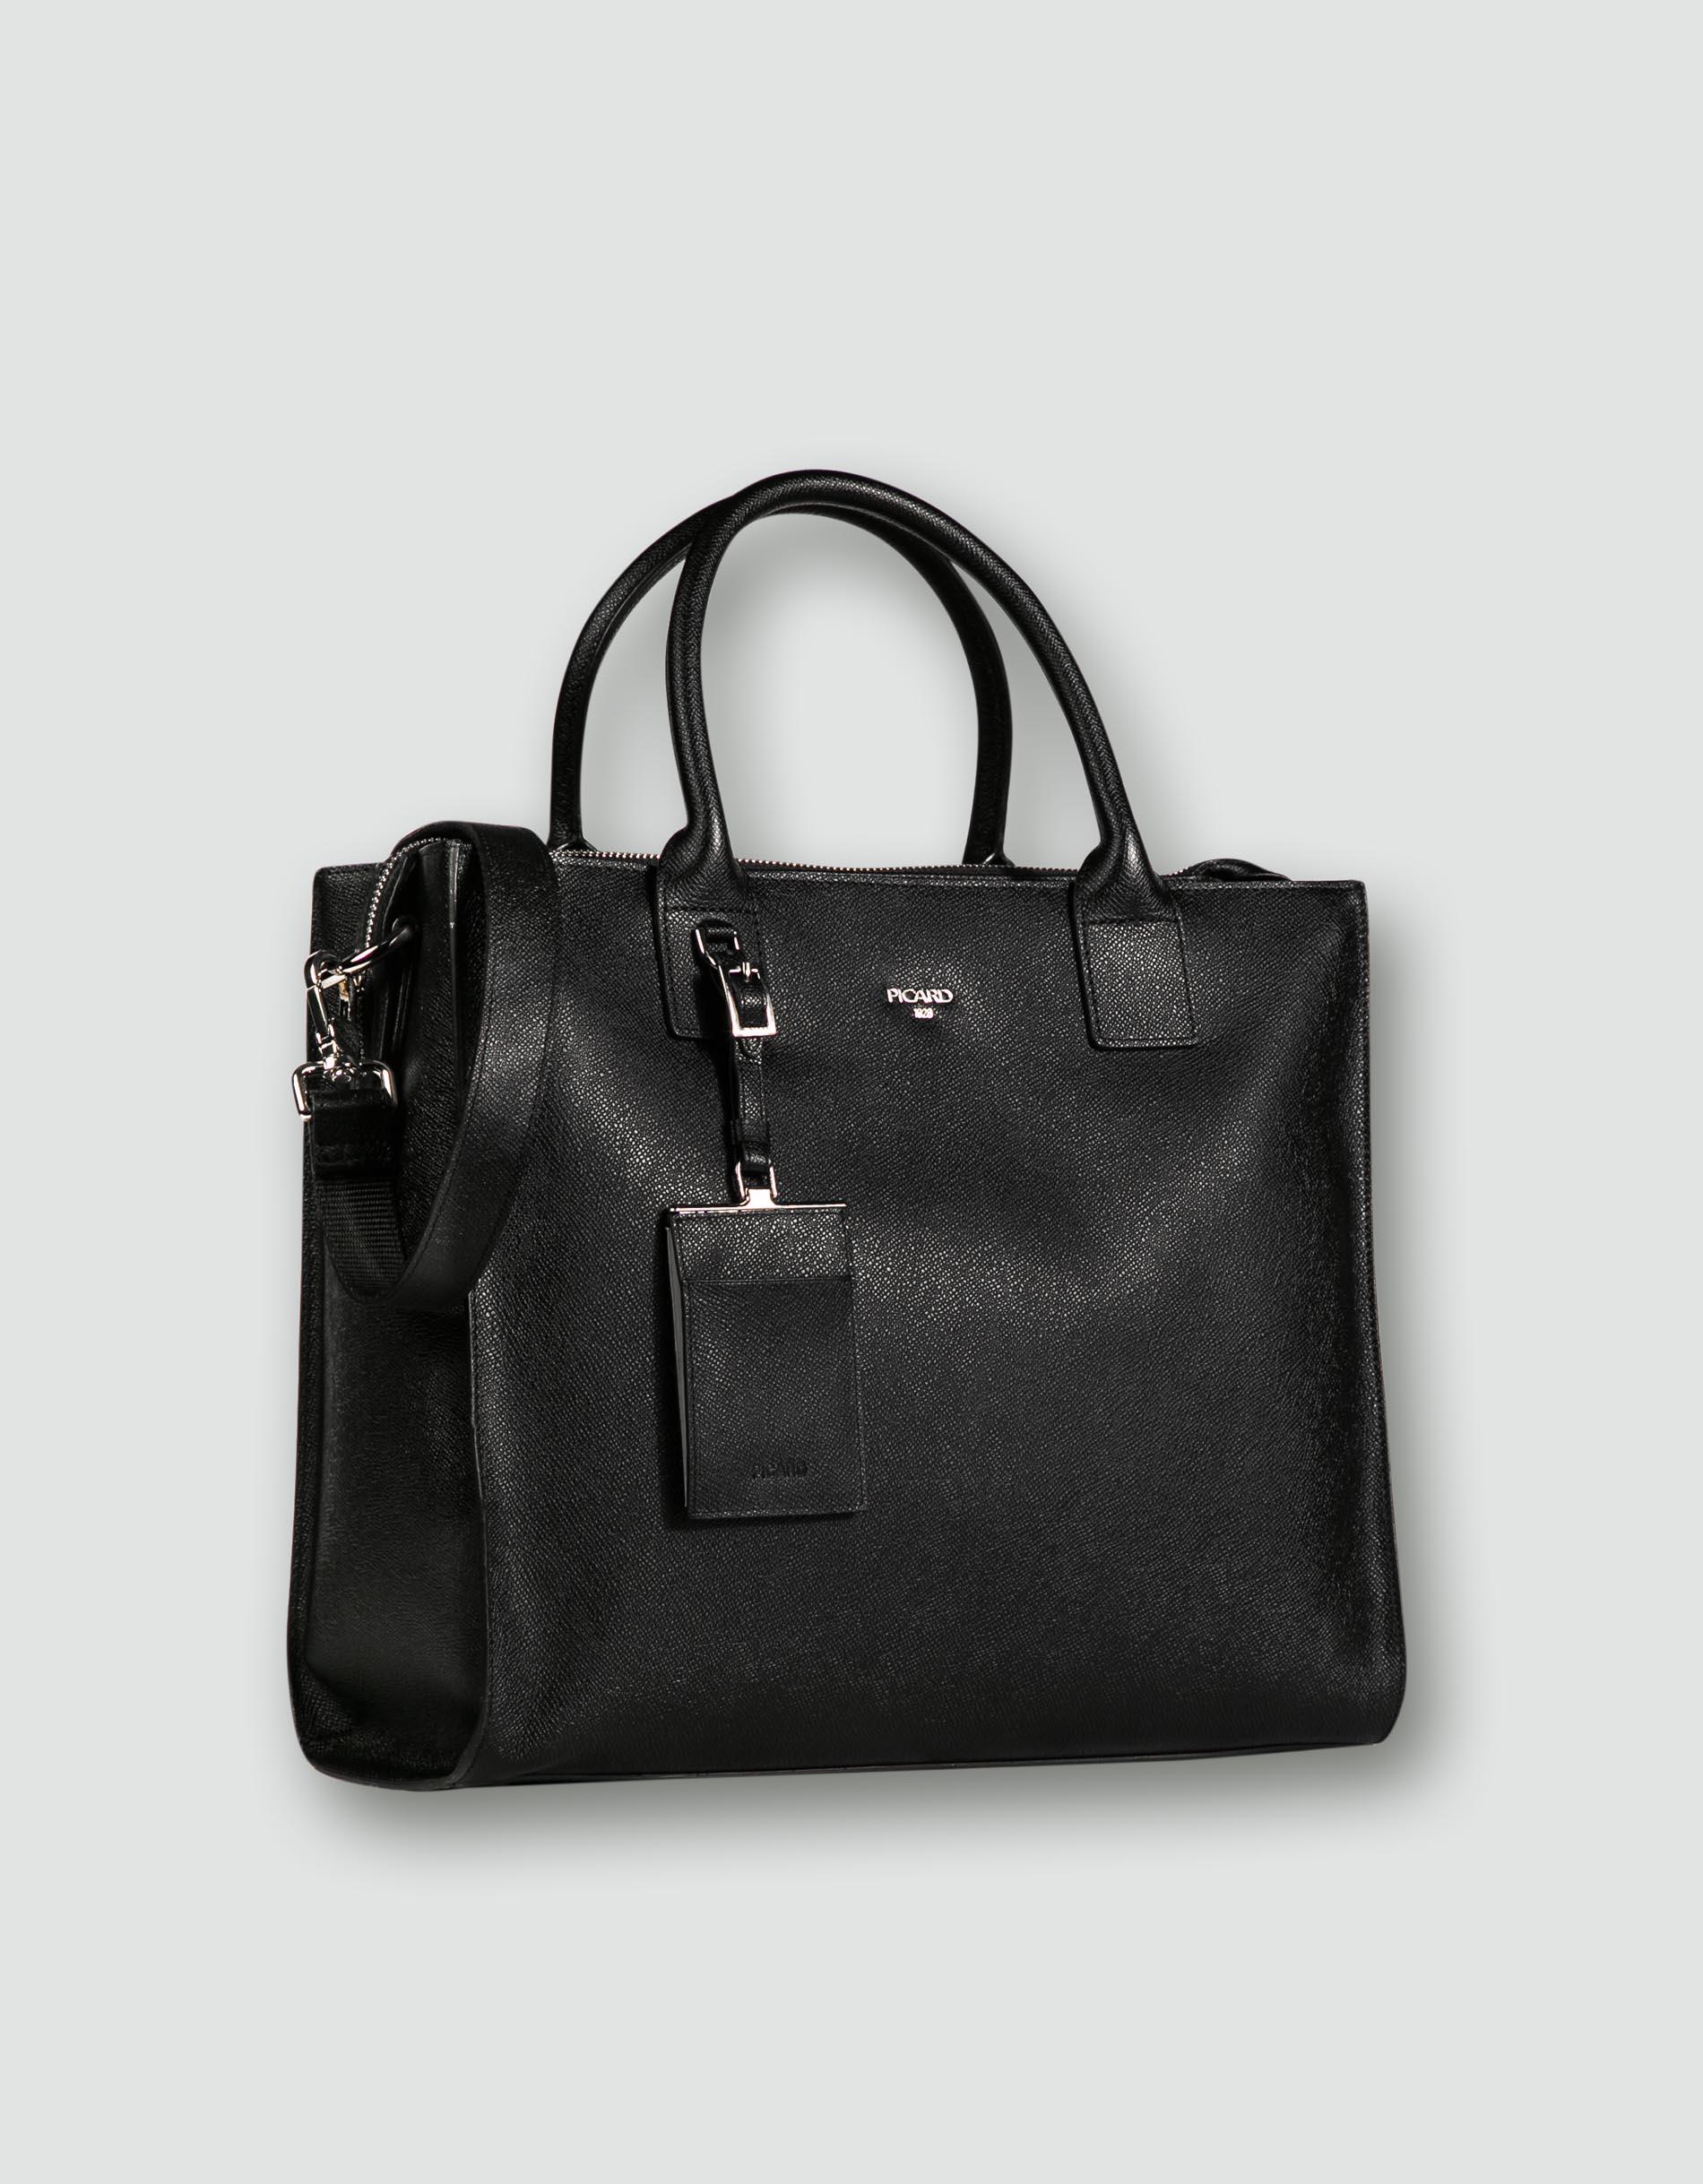 PICARD Damen Tasche Miranda Shopper in klarer Linienführung empfohlen von  Deinen Schwestern 6654f20417